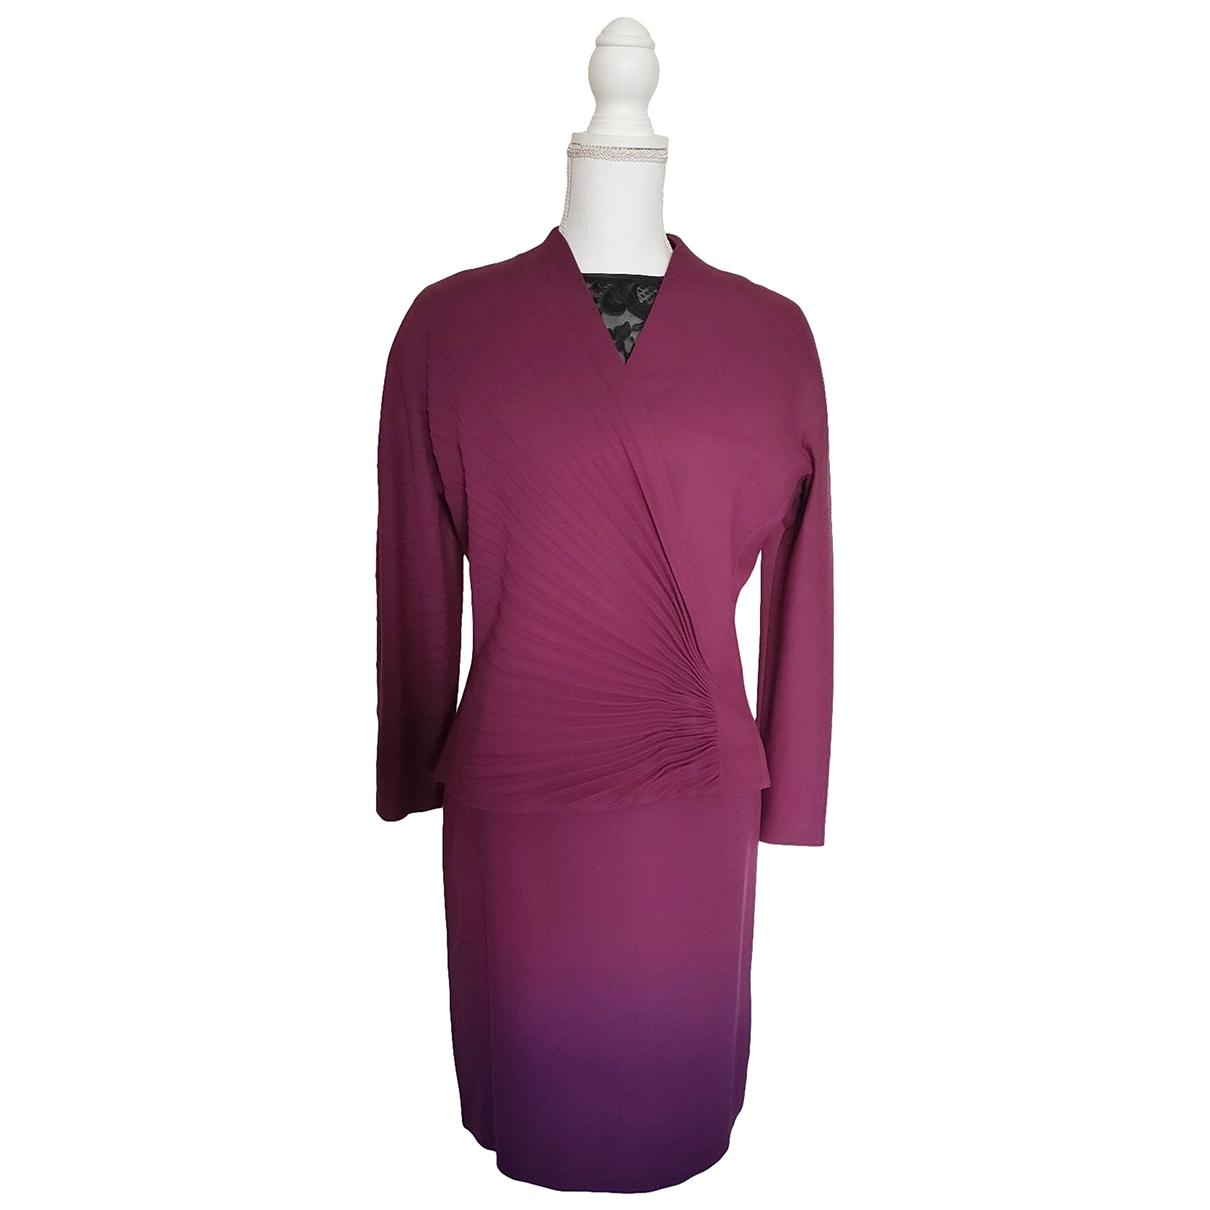 Gianni Versace \N Wool dress for Women 42 IT